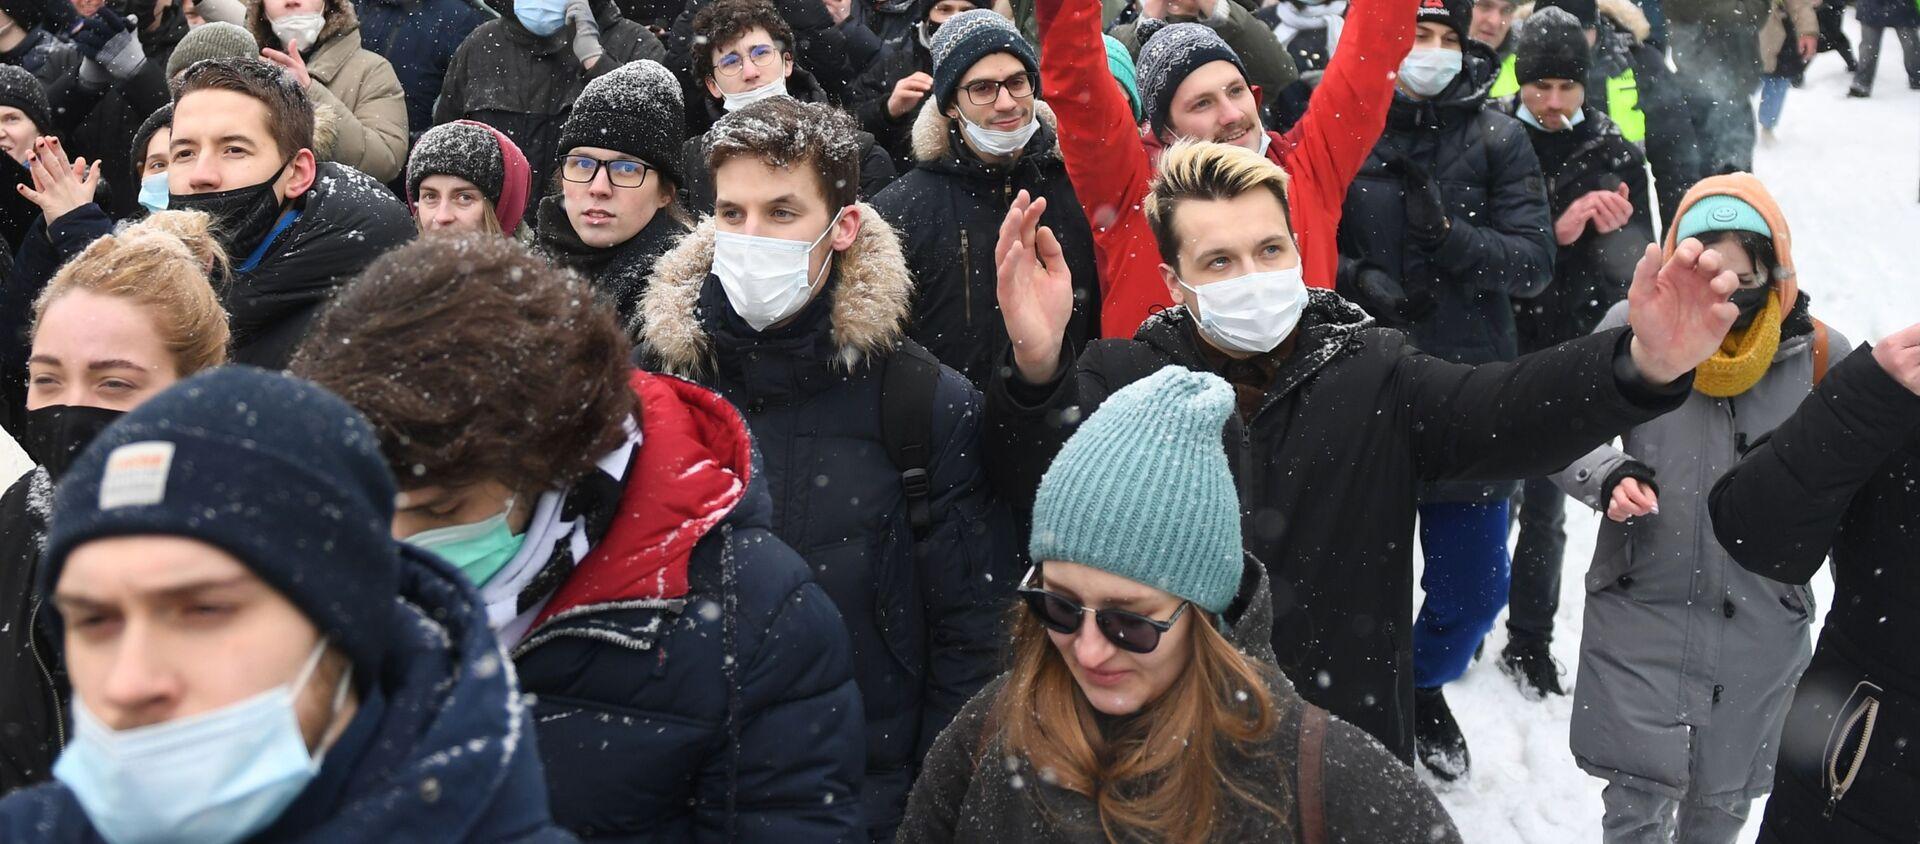 Uczestnicy nielegalnej akcji zwolenników Aleksieja Nawalnego w Moskwie - Sputnik Polska, 1920, 10.02.2021